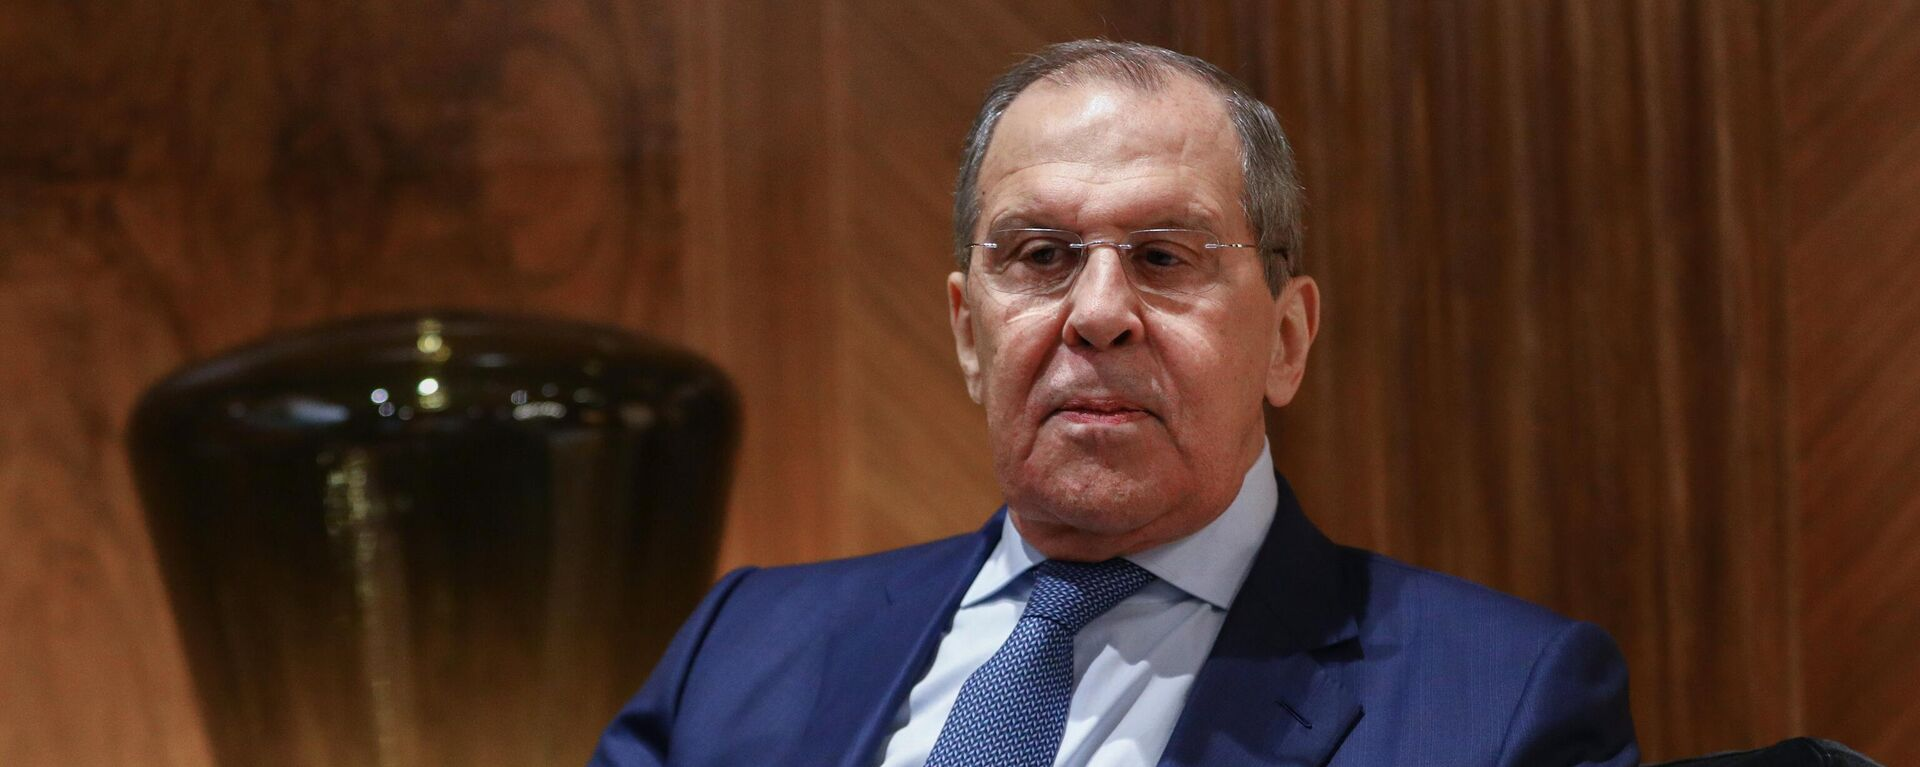 Serguéi Lavrov, ministro de Asuntos Exteriores de Rusia - Sputnik Mundo, 1920, 10.09.2021